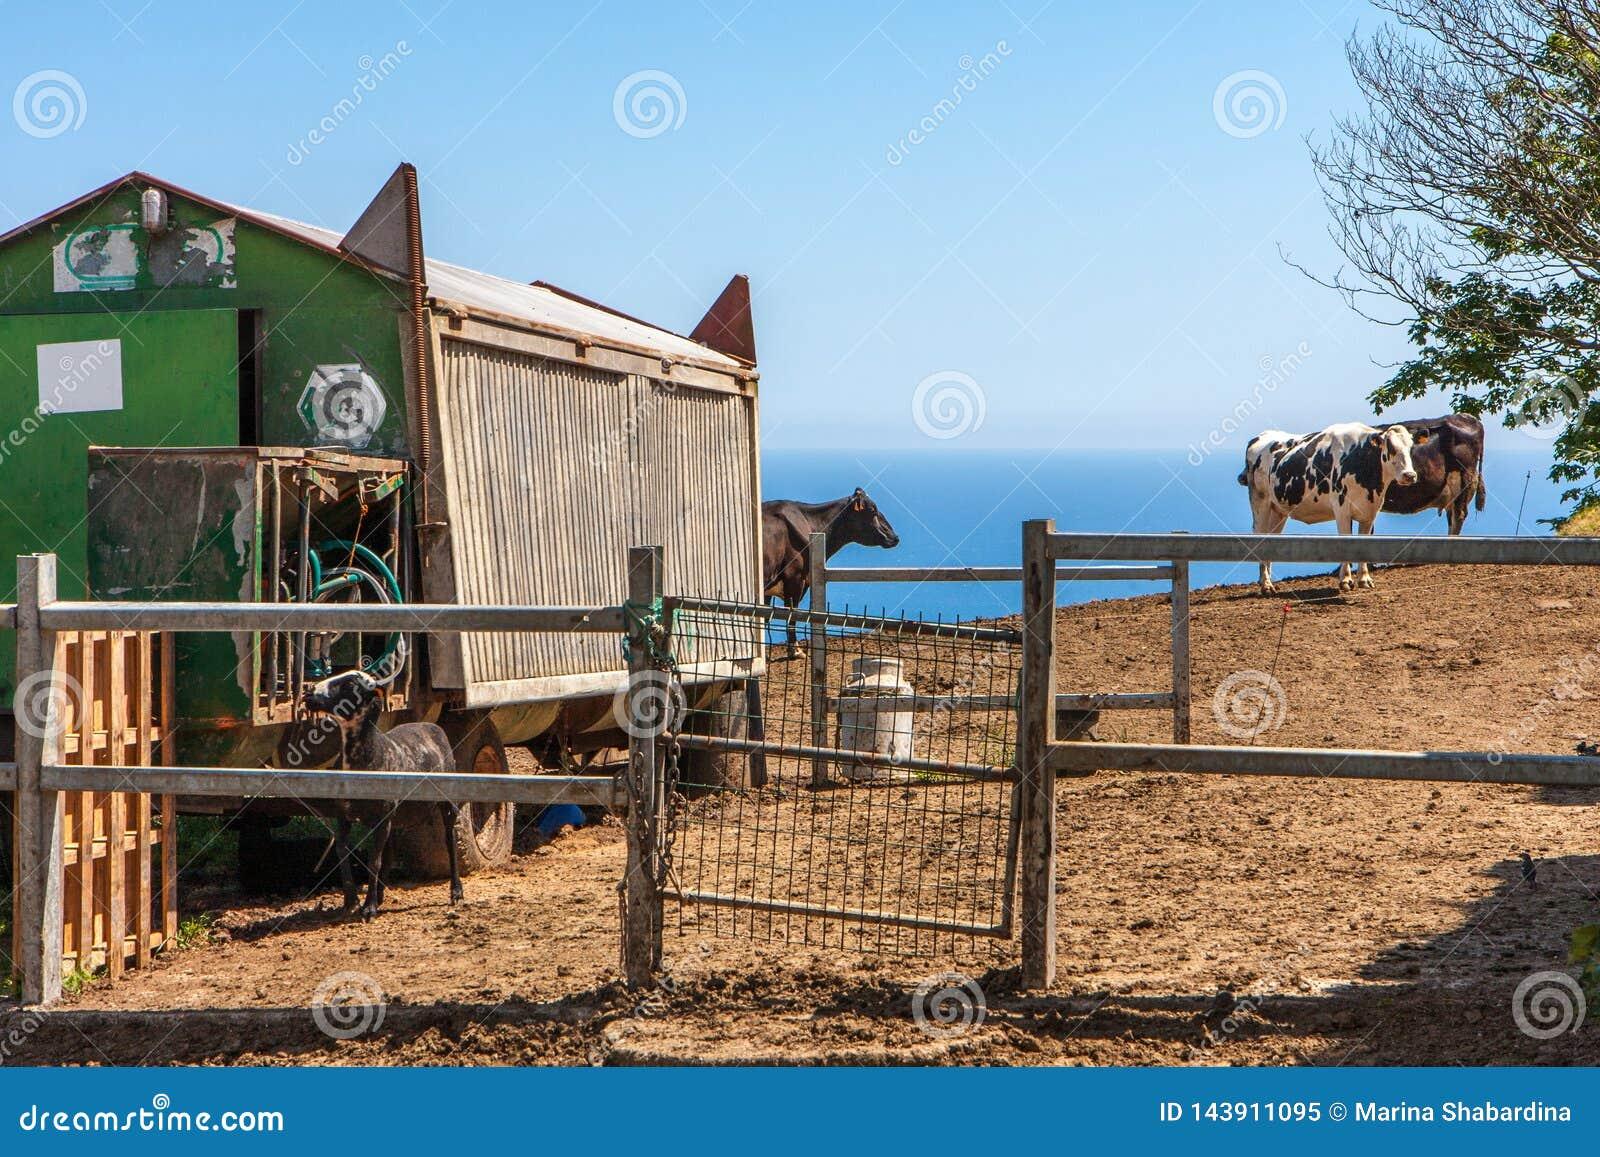 Τοπίο με τις απόψεις του αγροκτήματος, της καλύβας από το αυτοκίνητο σιδηροδρόμων και των βοοειδών